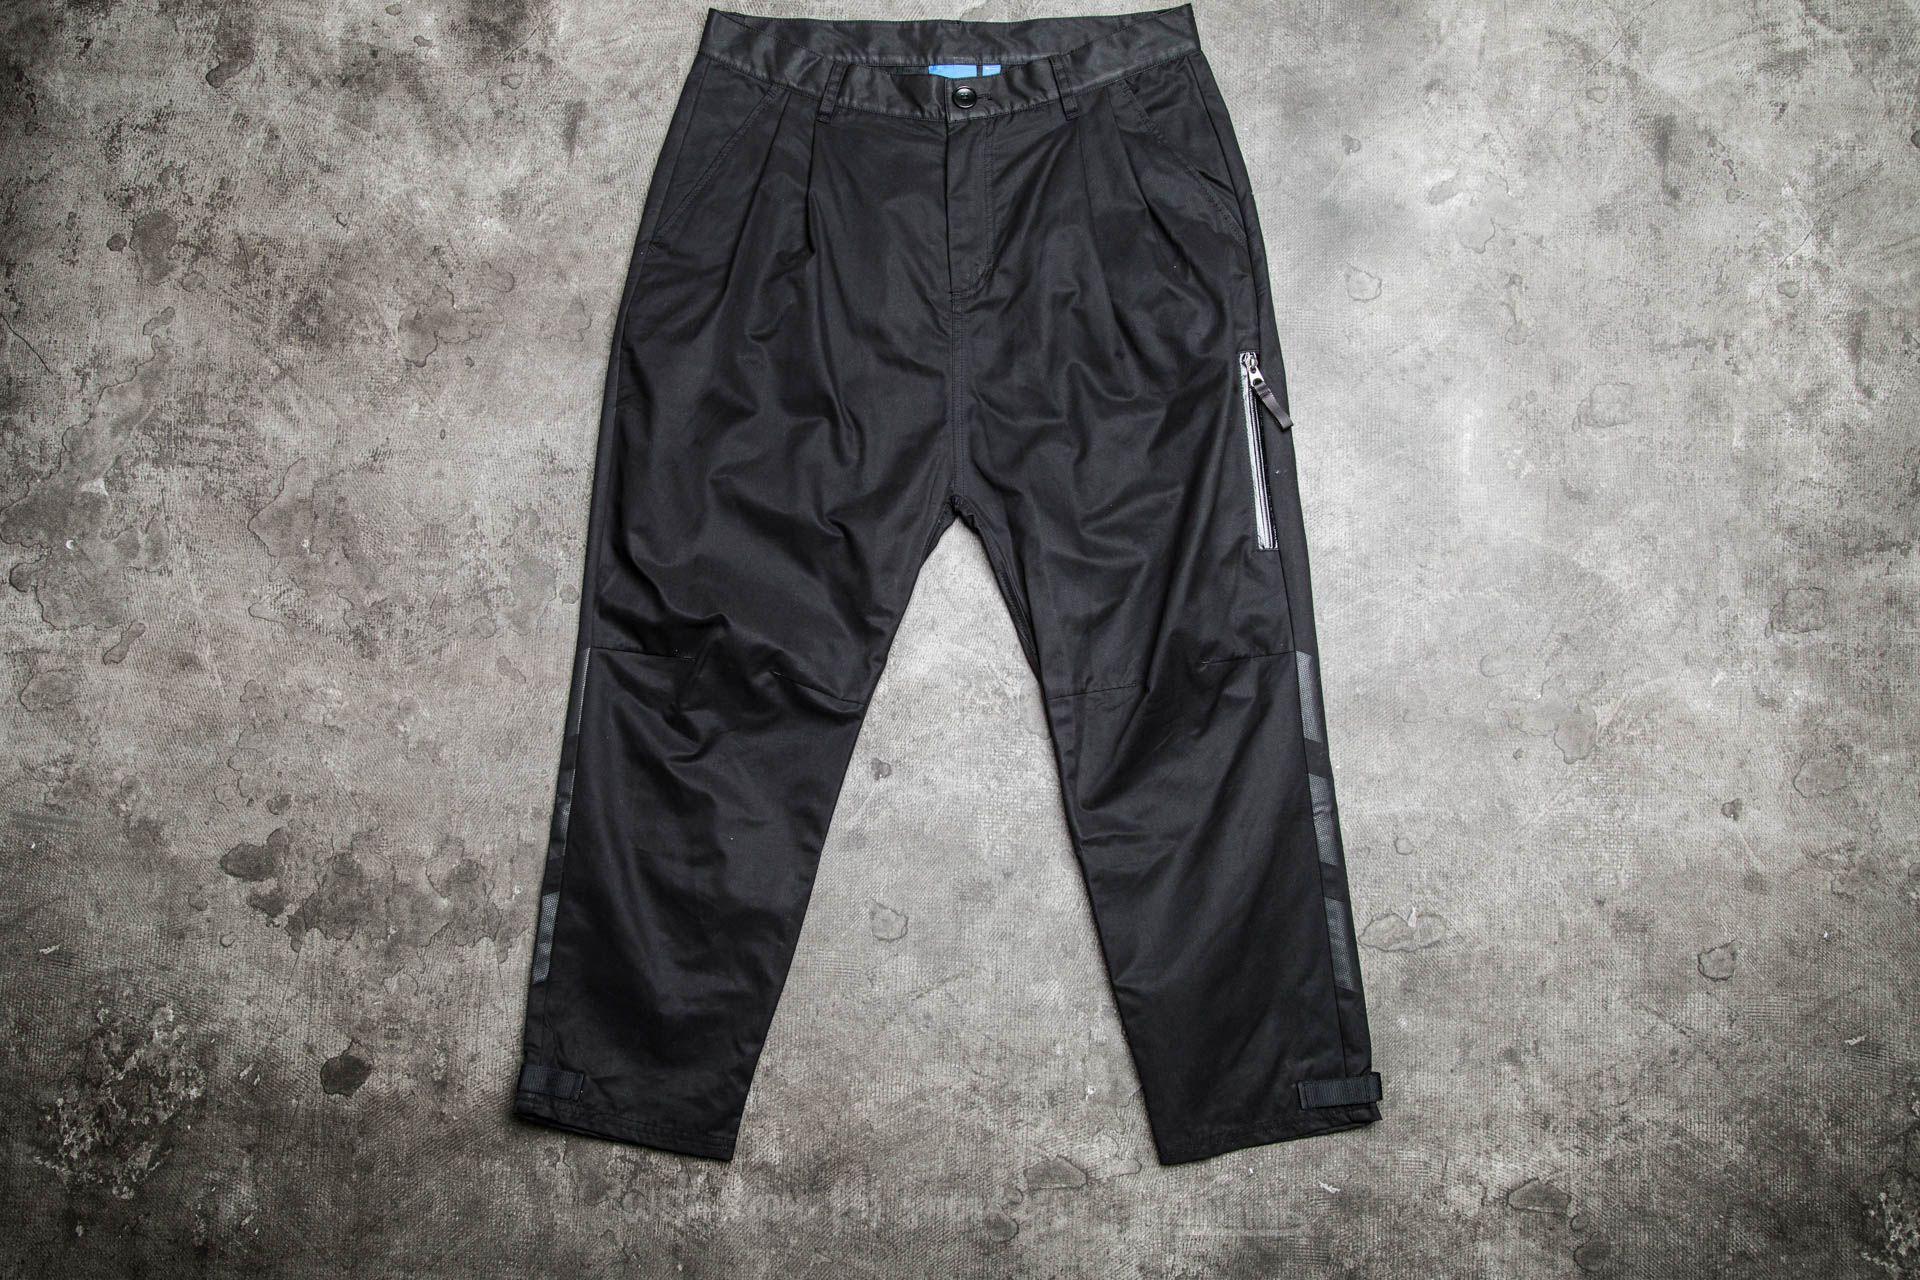 adidas Equipment Adv Pants Black